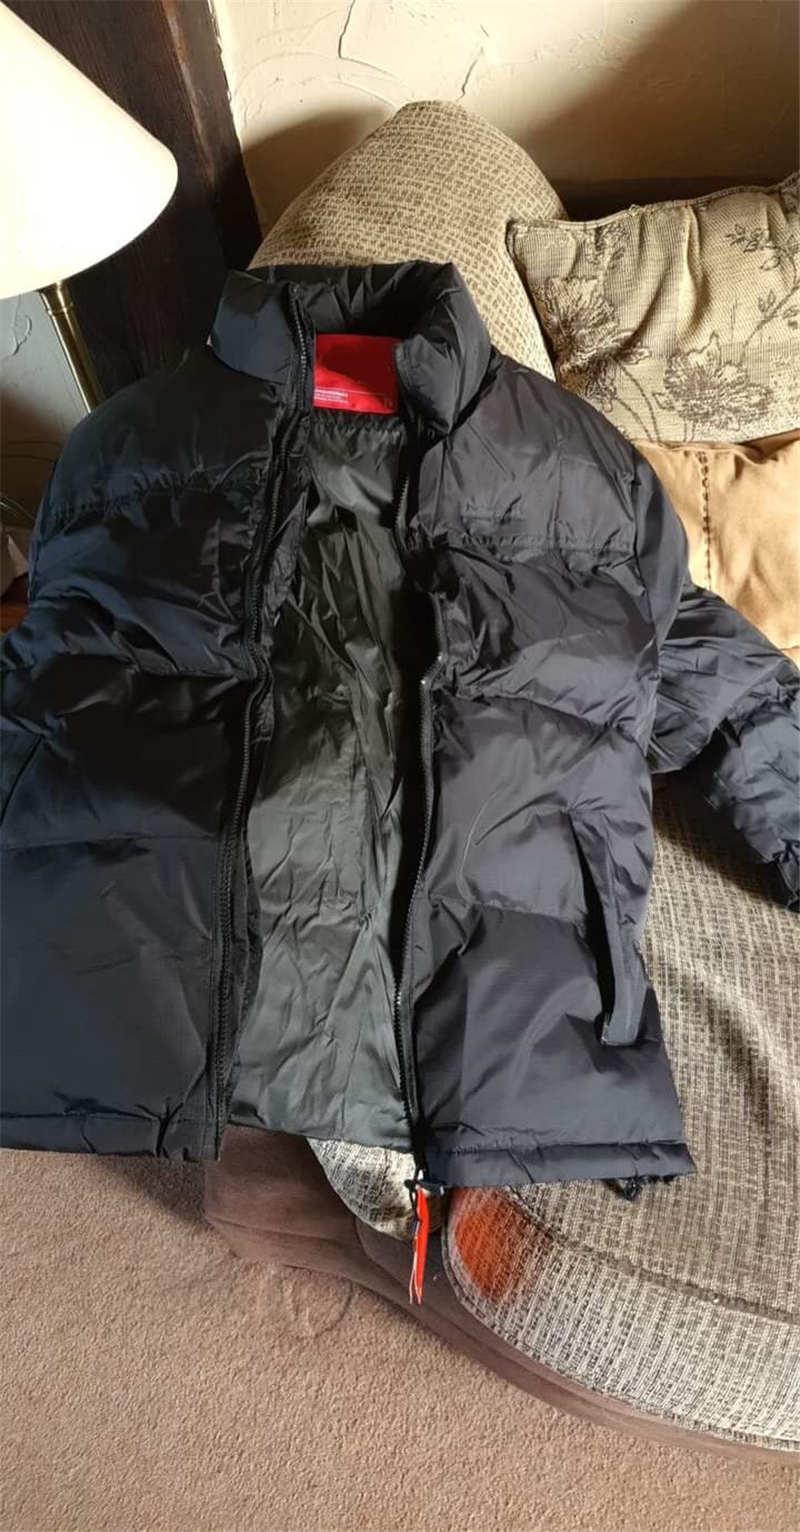 Nakış Stil ceketler WINDBREAKER Spor Coats Isınma Giyim ile Erkek Ceket Aşağı Kış Kalın Coat